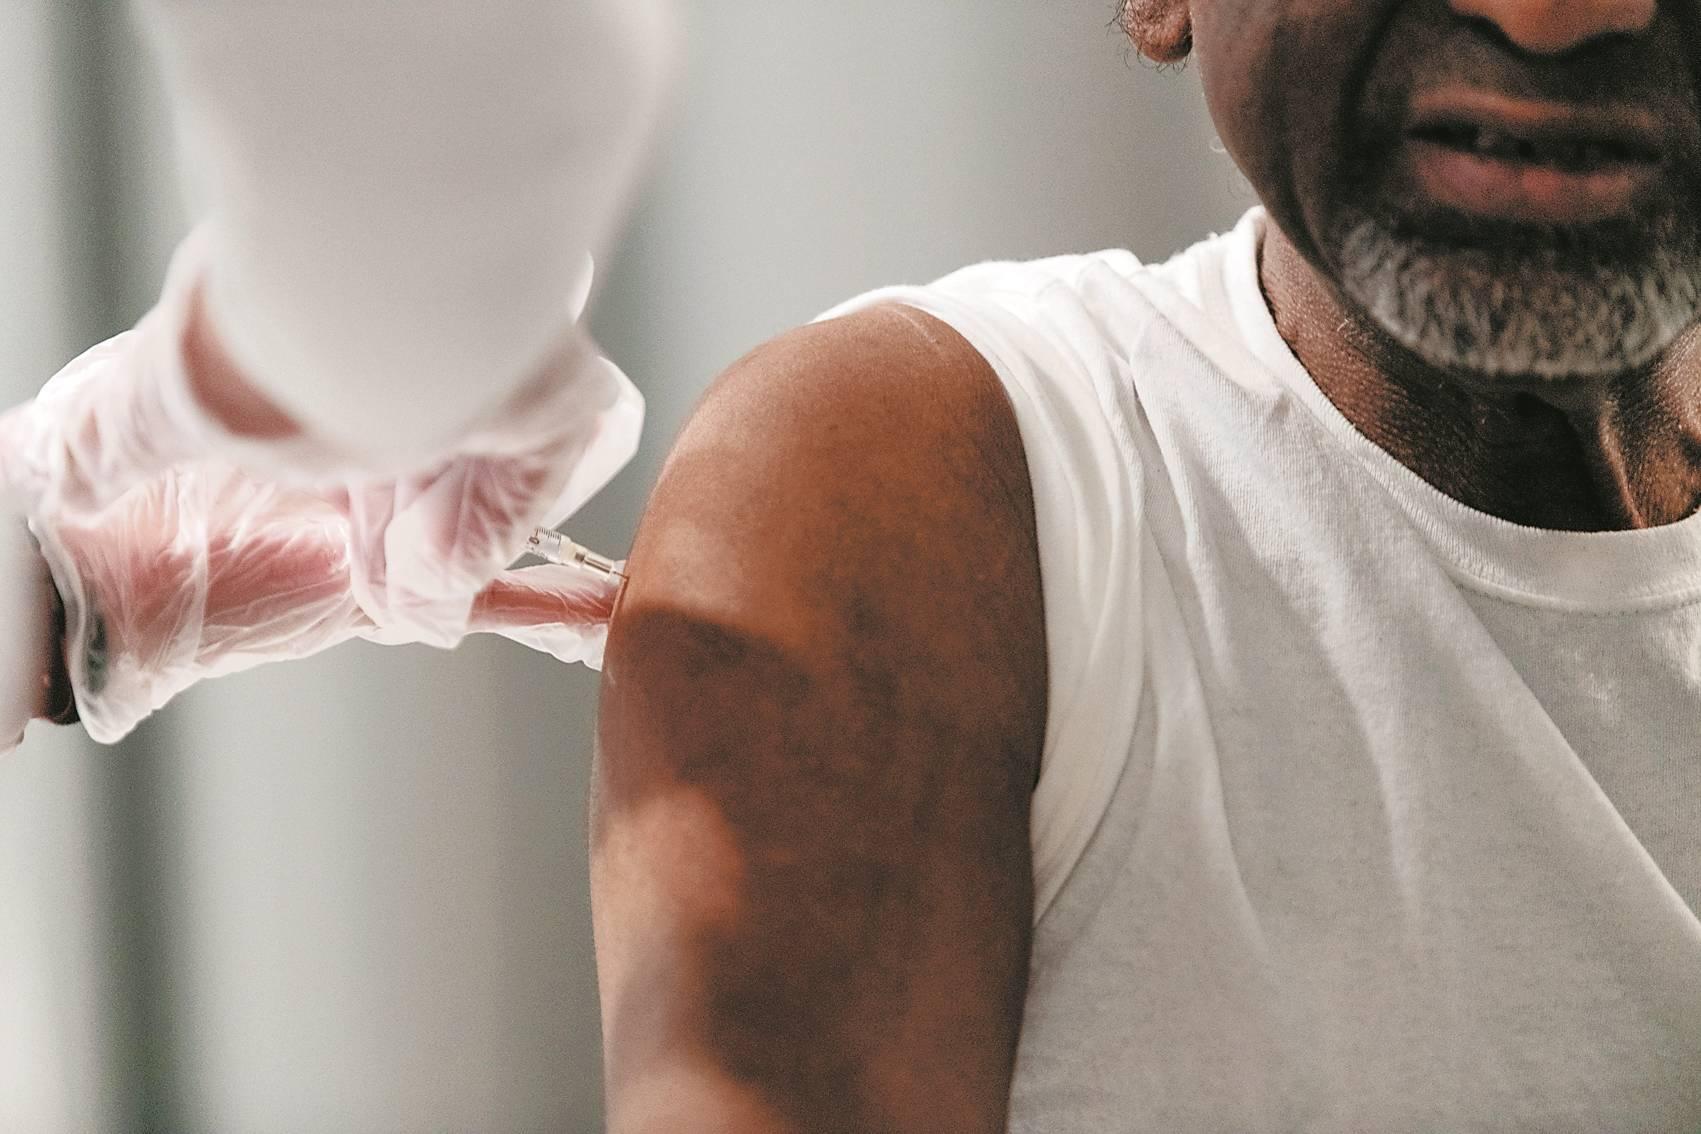 挪威23人接种辉瑞疫苗后死亡